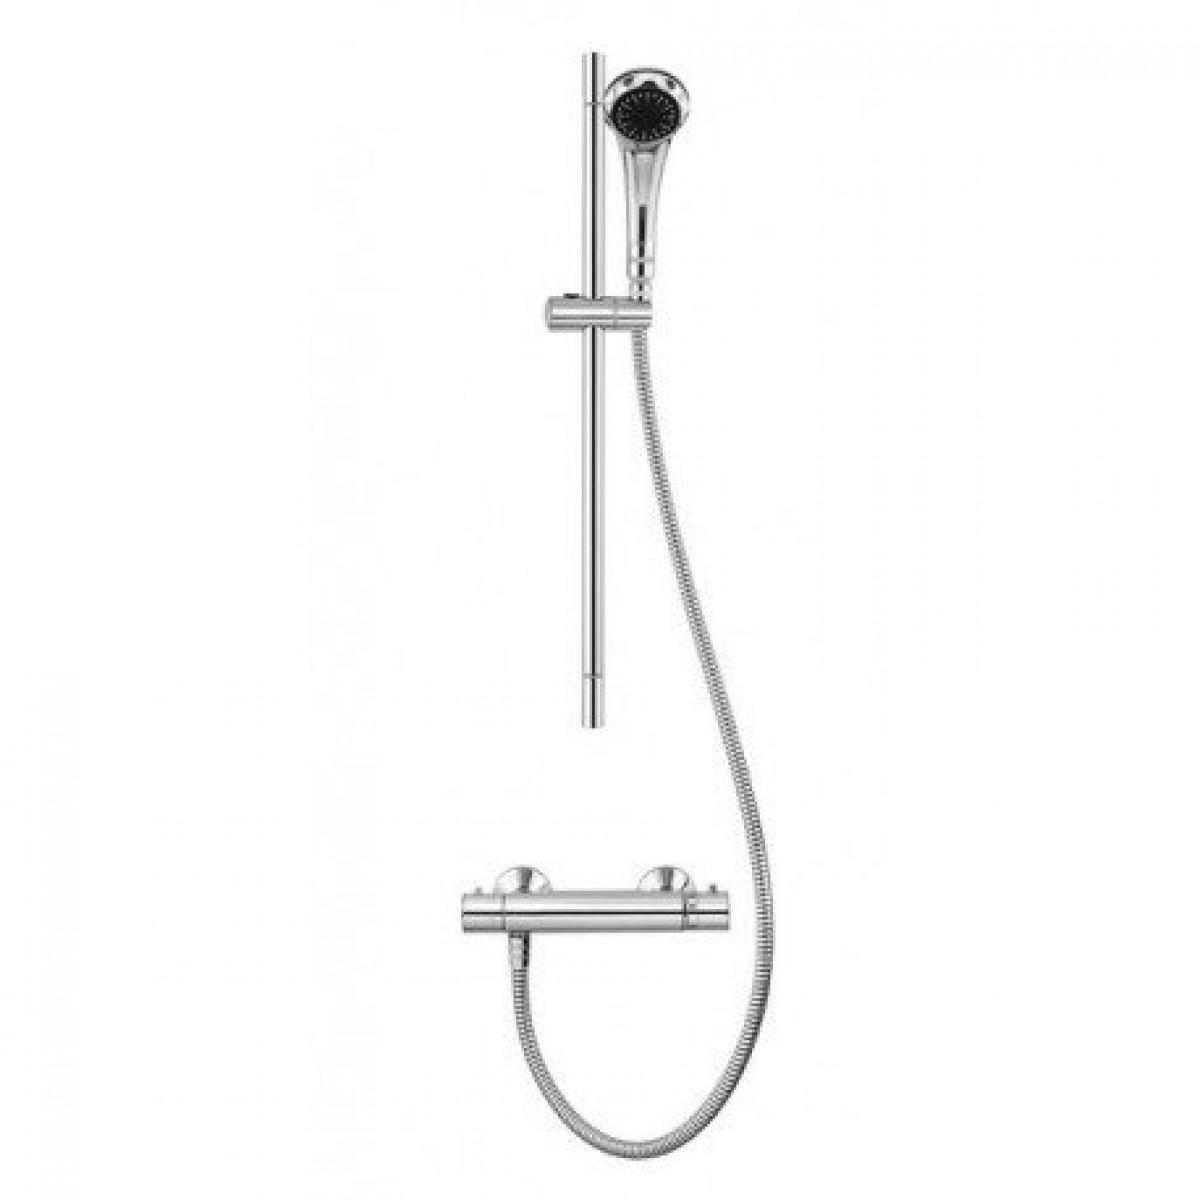 aqualisa aq75 thermostatic mixer shower aq75